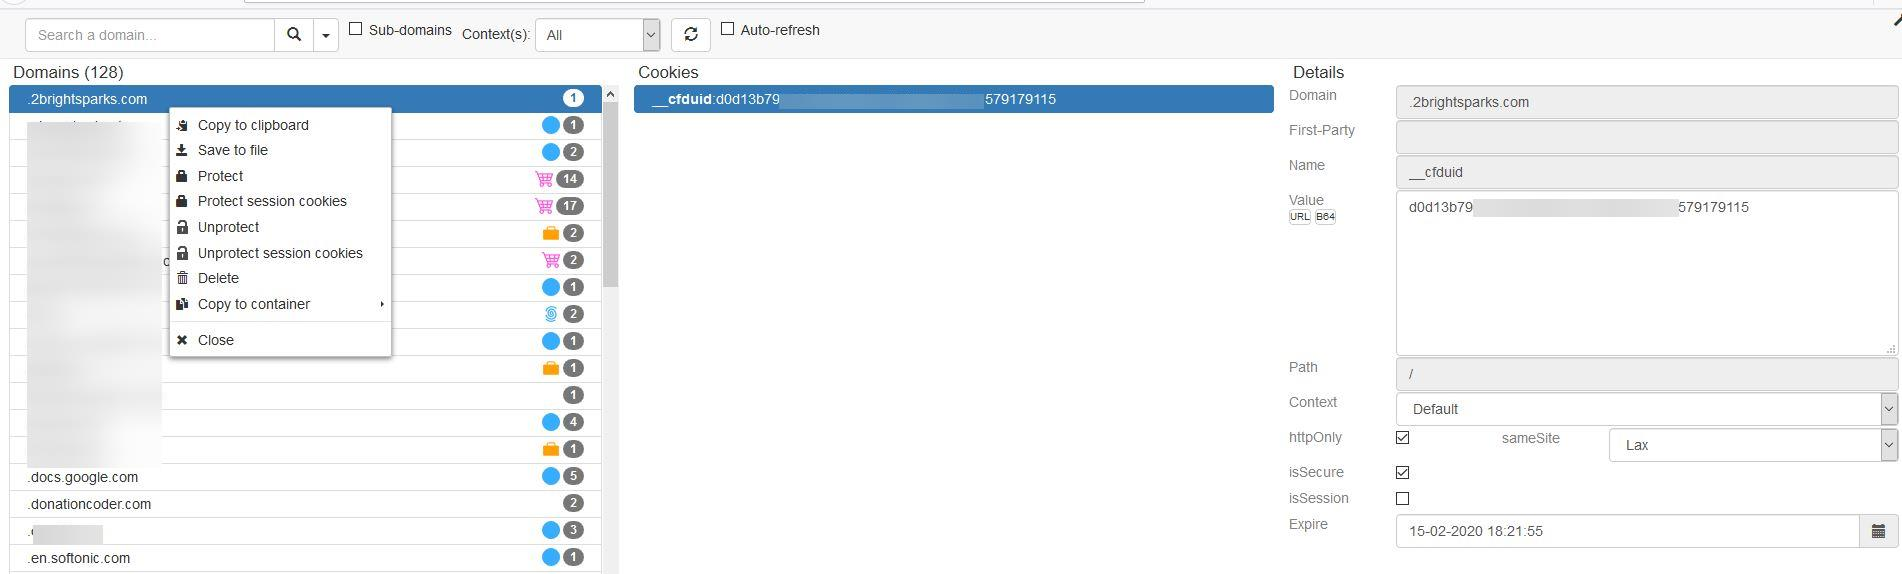 Cookie Quick Manager es una extensión de Firefox que permite buscar, eliminar y proteger cookies específicas de un sitio.